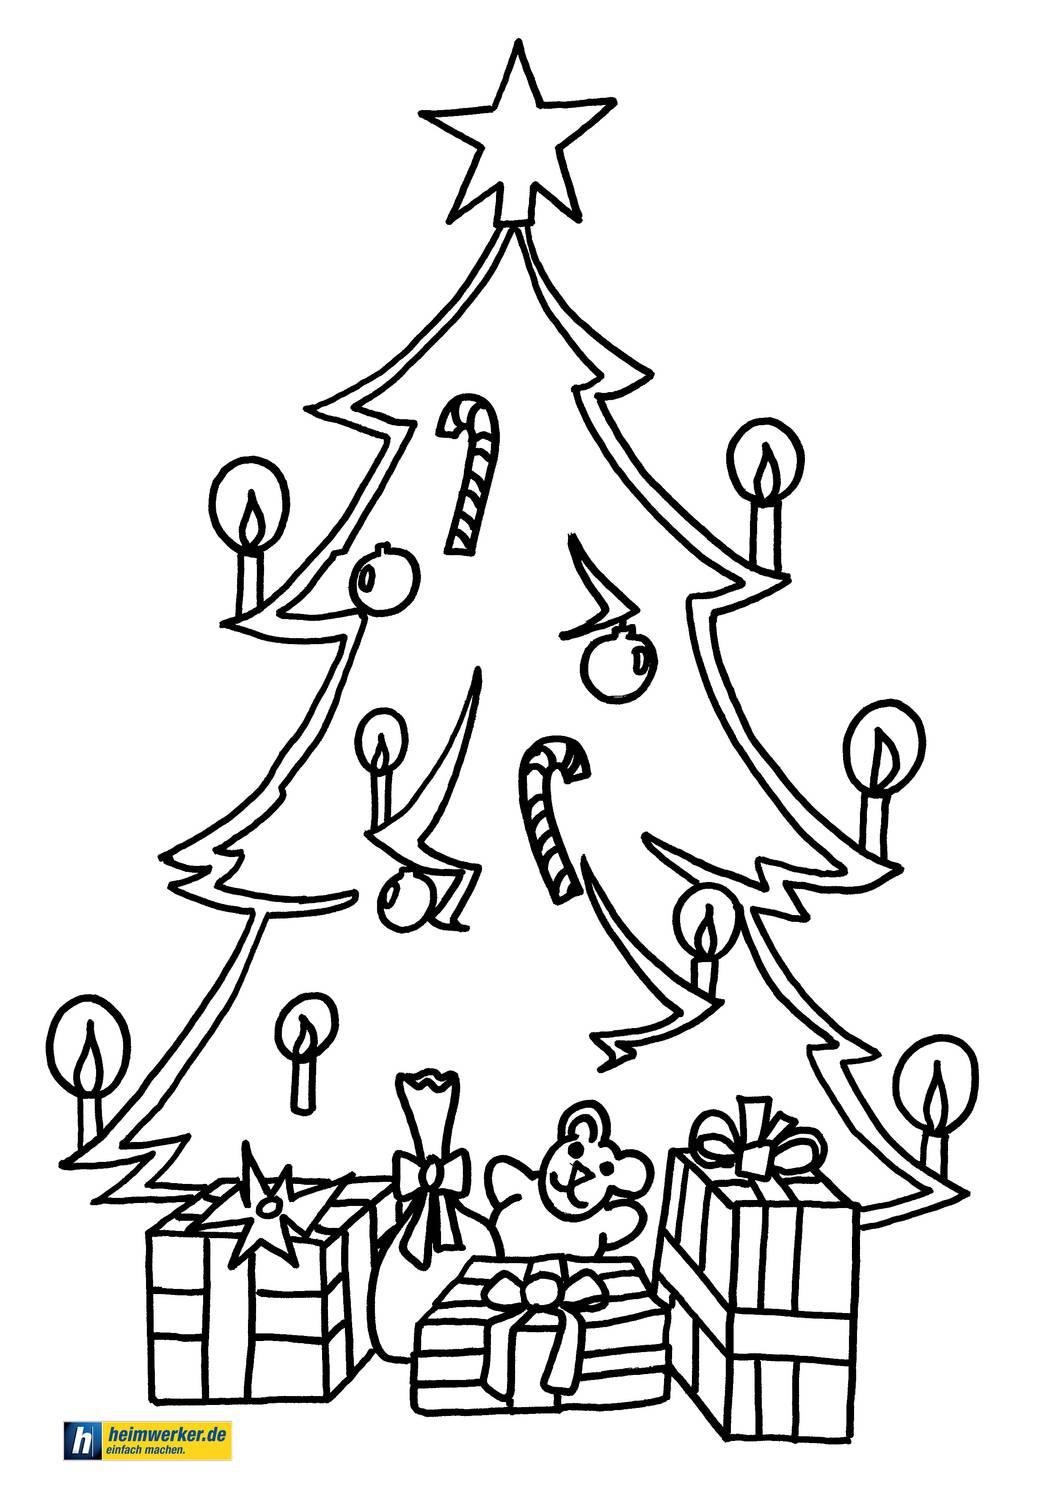 Malvorlagen Zu Weihnachten - Die Schönsten Ausmalbilder Zum mit Weihnachtsbilder Vorlagen